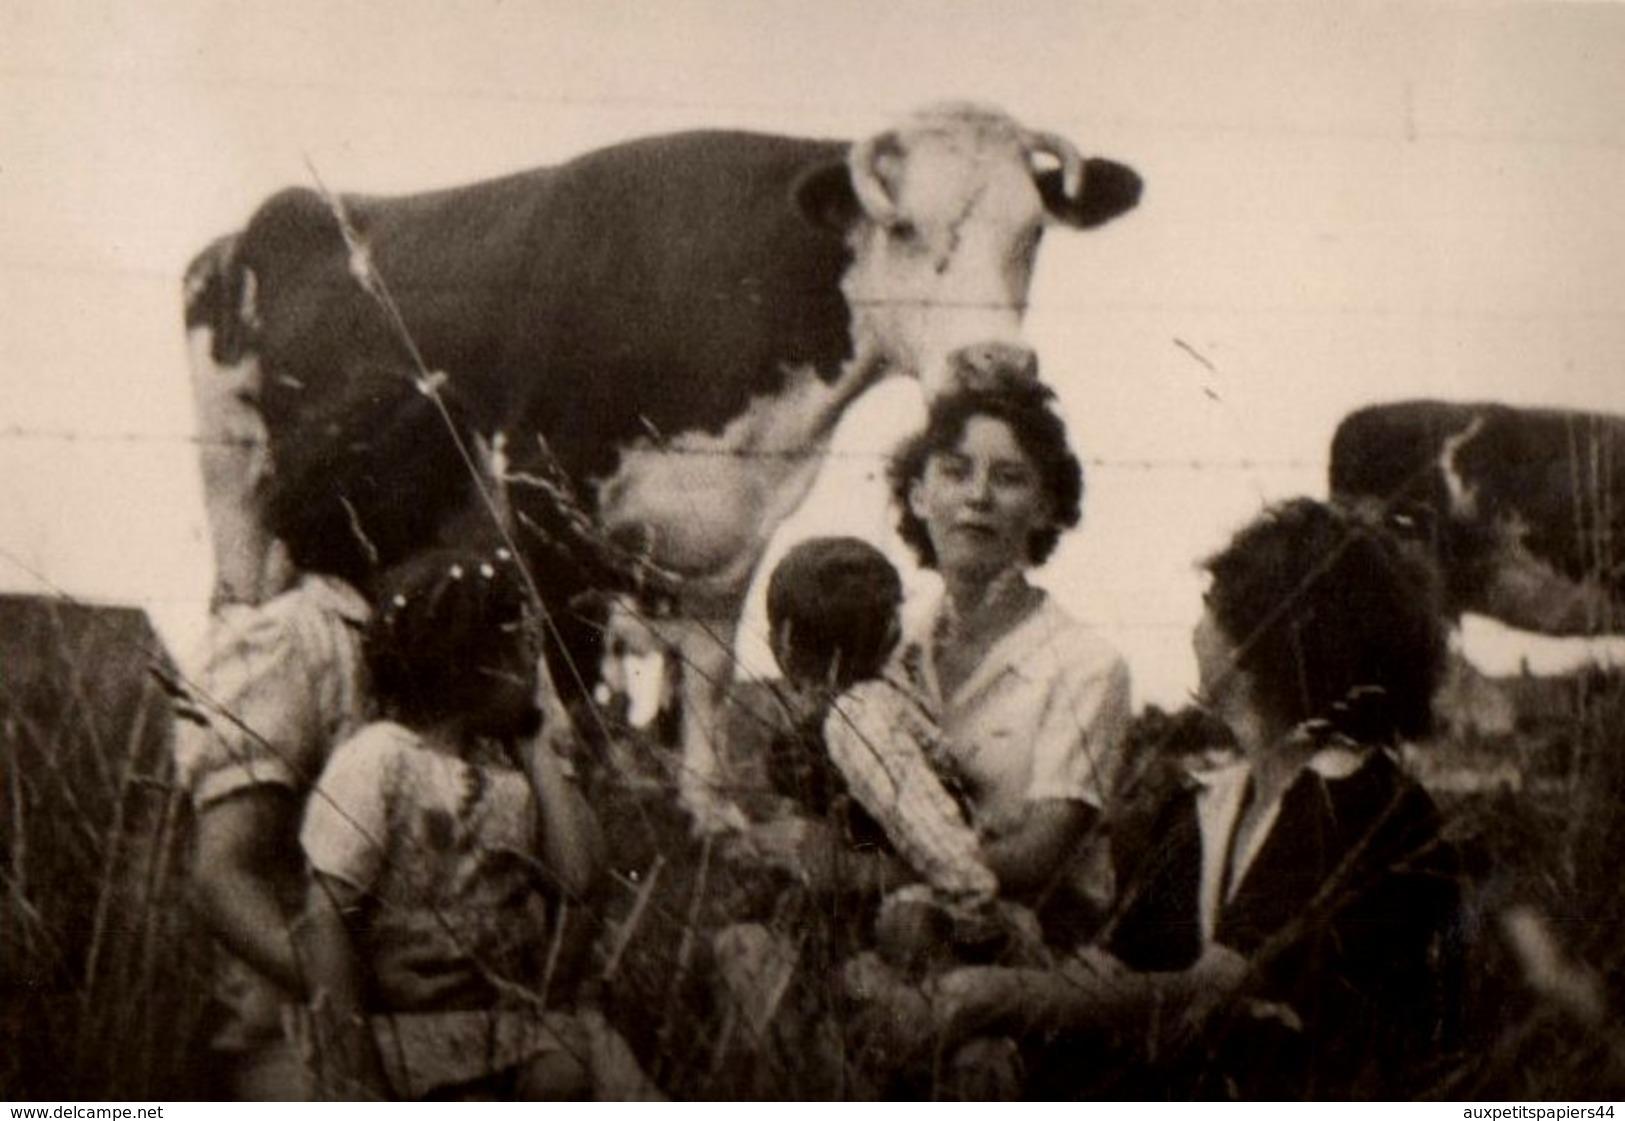 Anonymous persons impressionnante photo originale vache noire p rilleuse photo de famille - Photo de famille originale ...